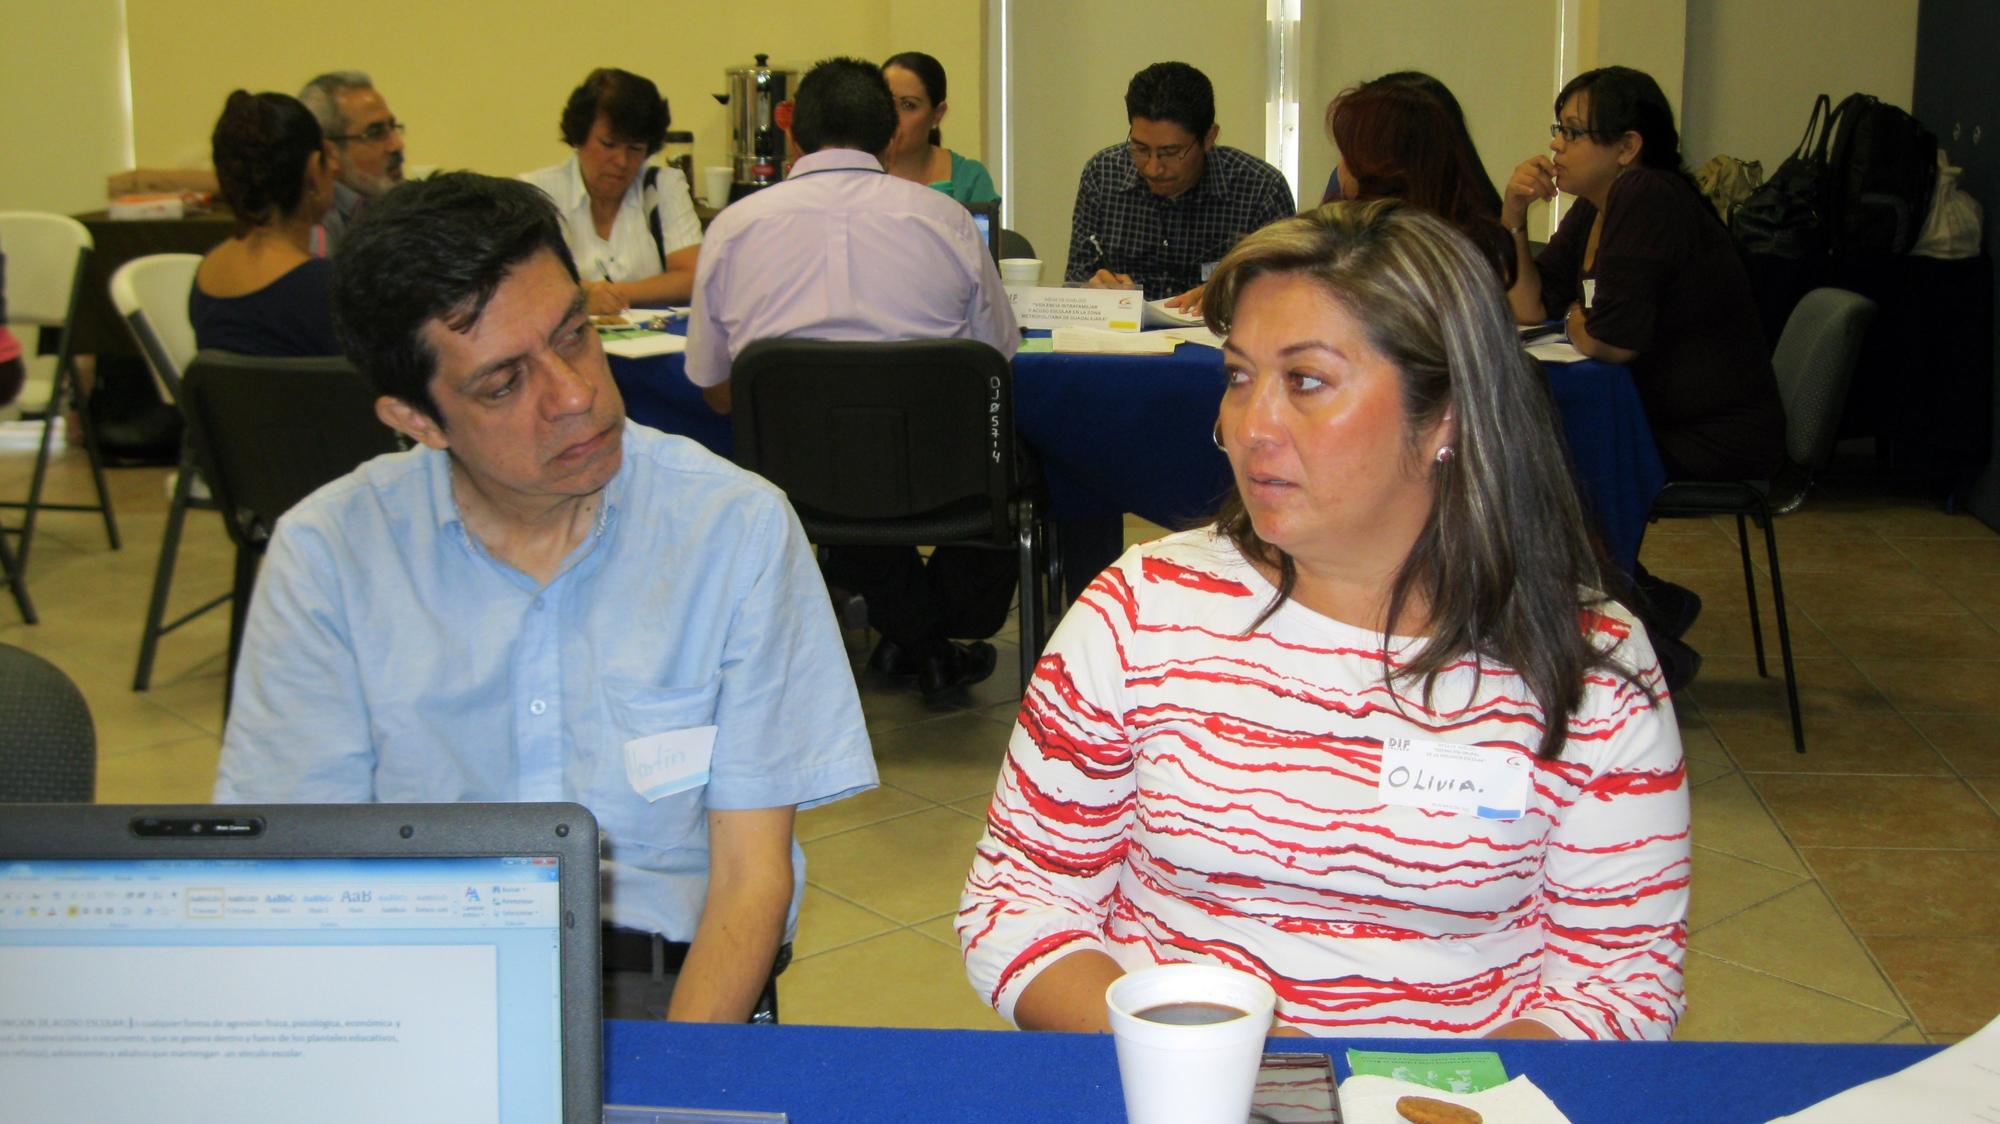 Buscan establecer protocolo de atención para el acoso escolar en las UAVI: Carrillo Núñez